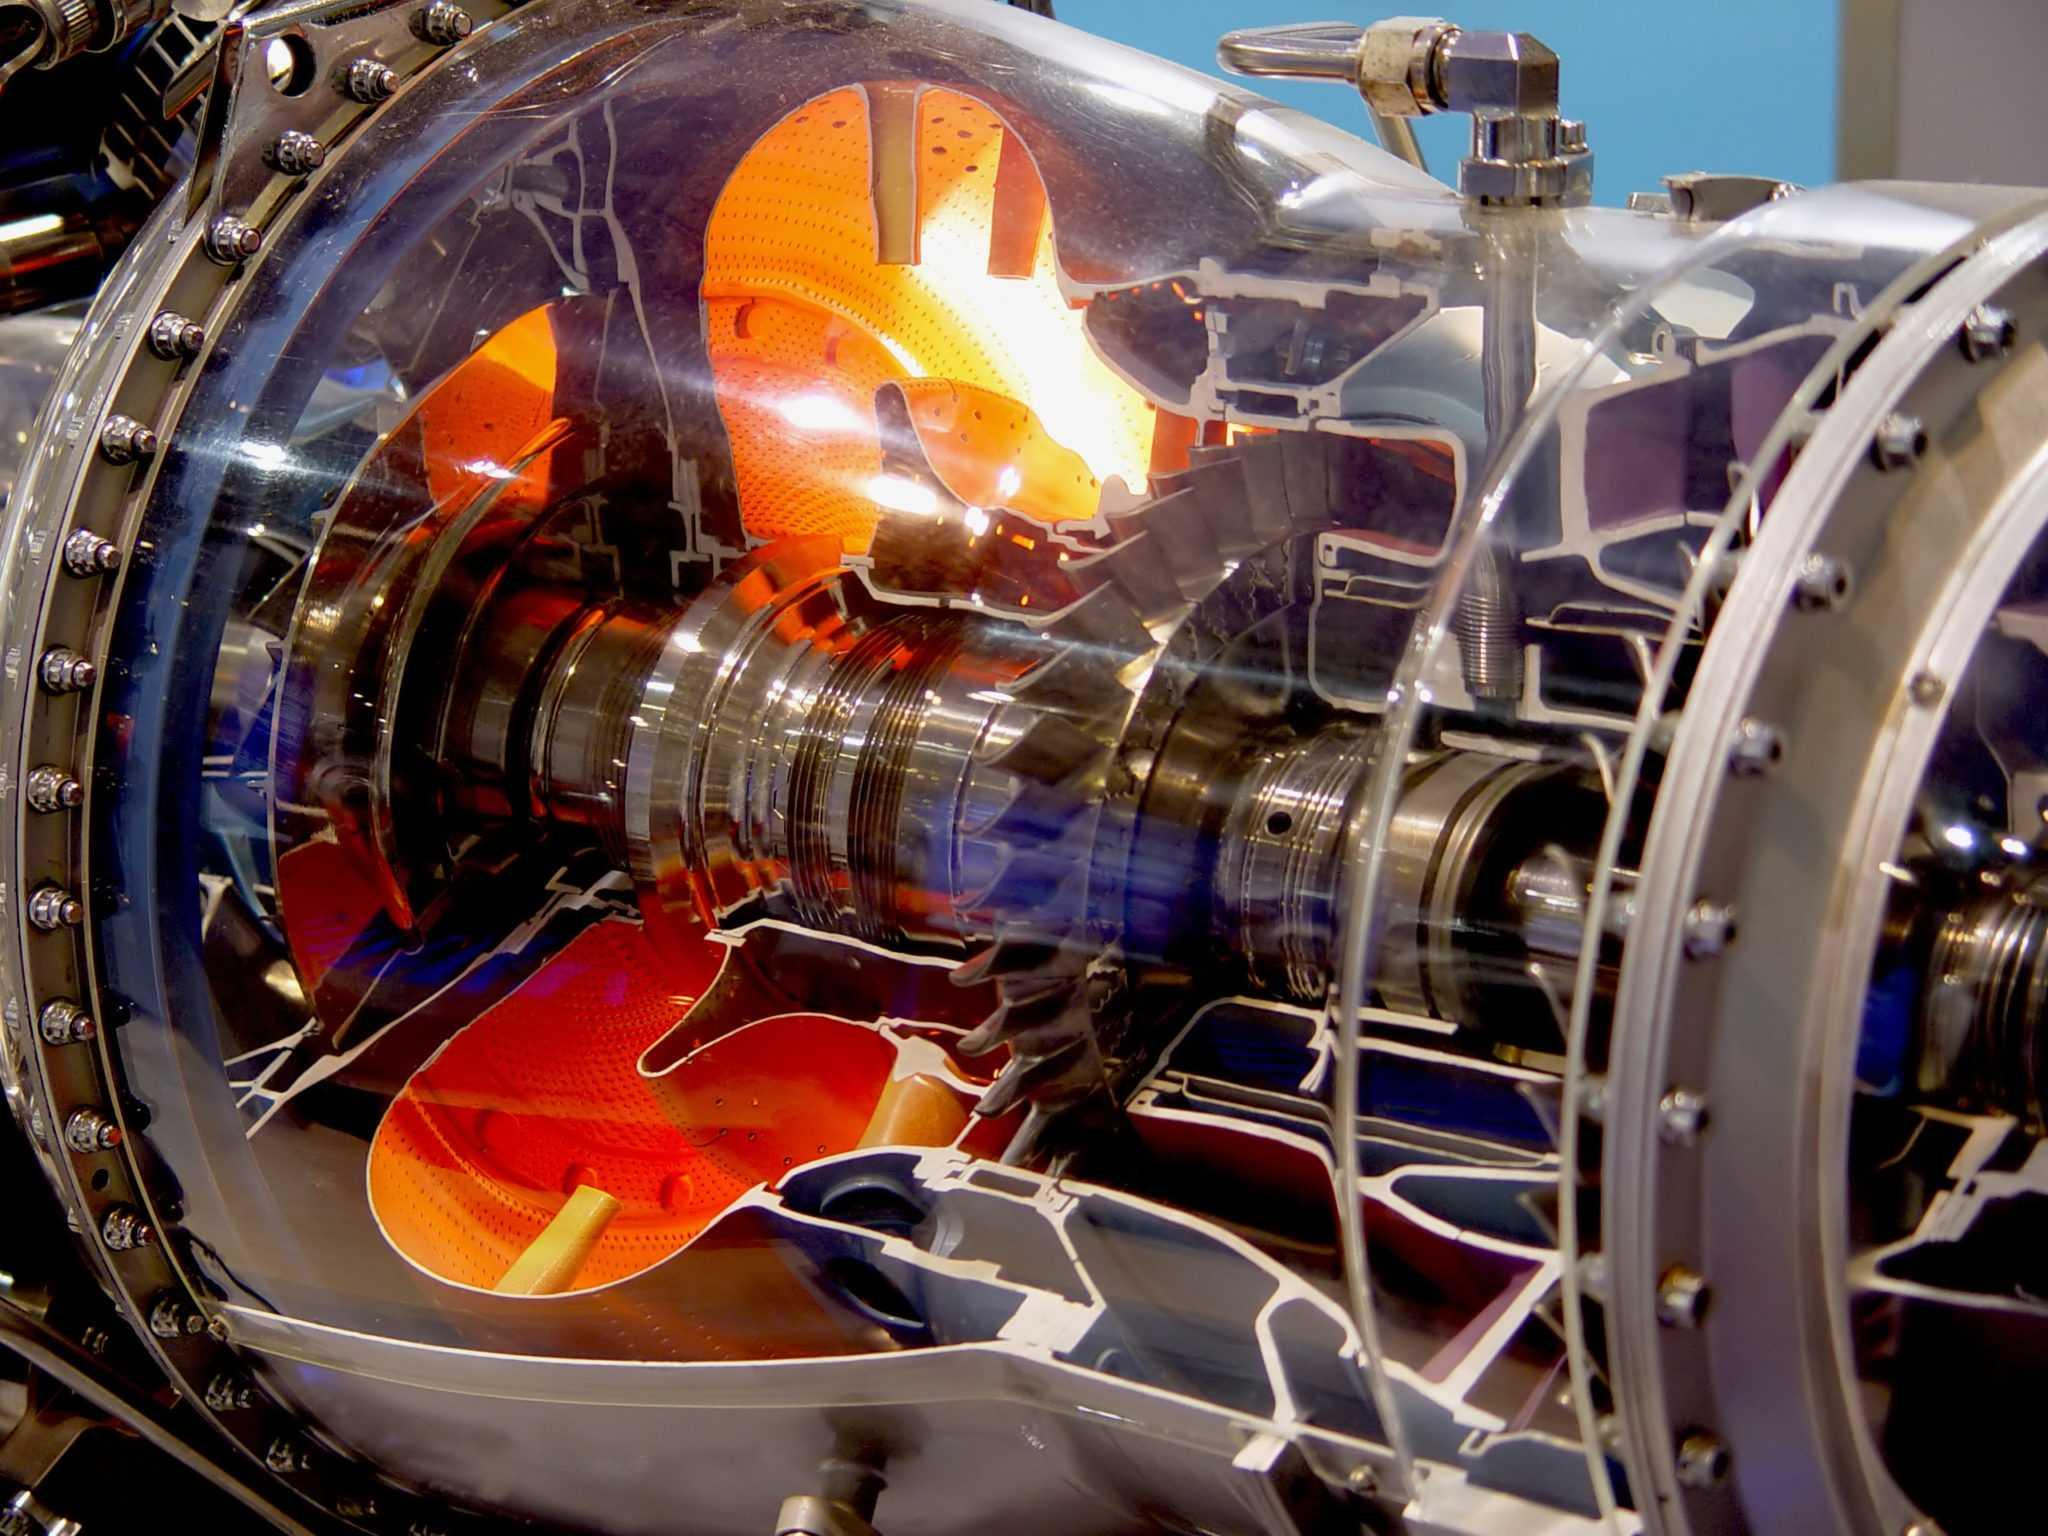 Магний используется для производства некоторых деталей самолета